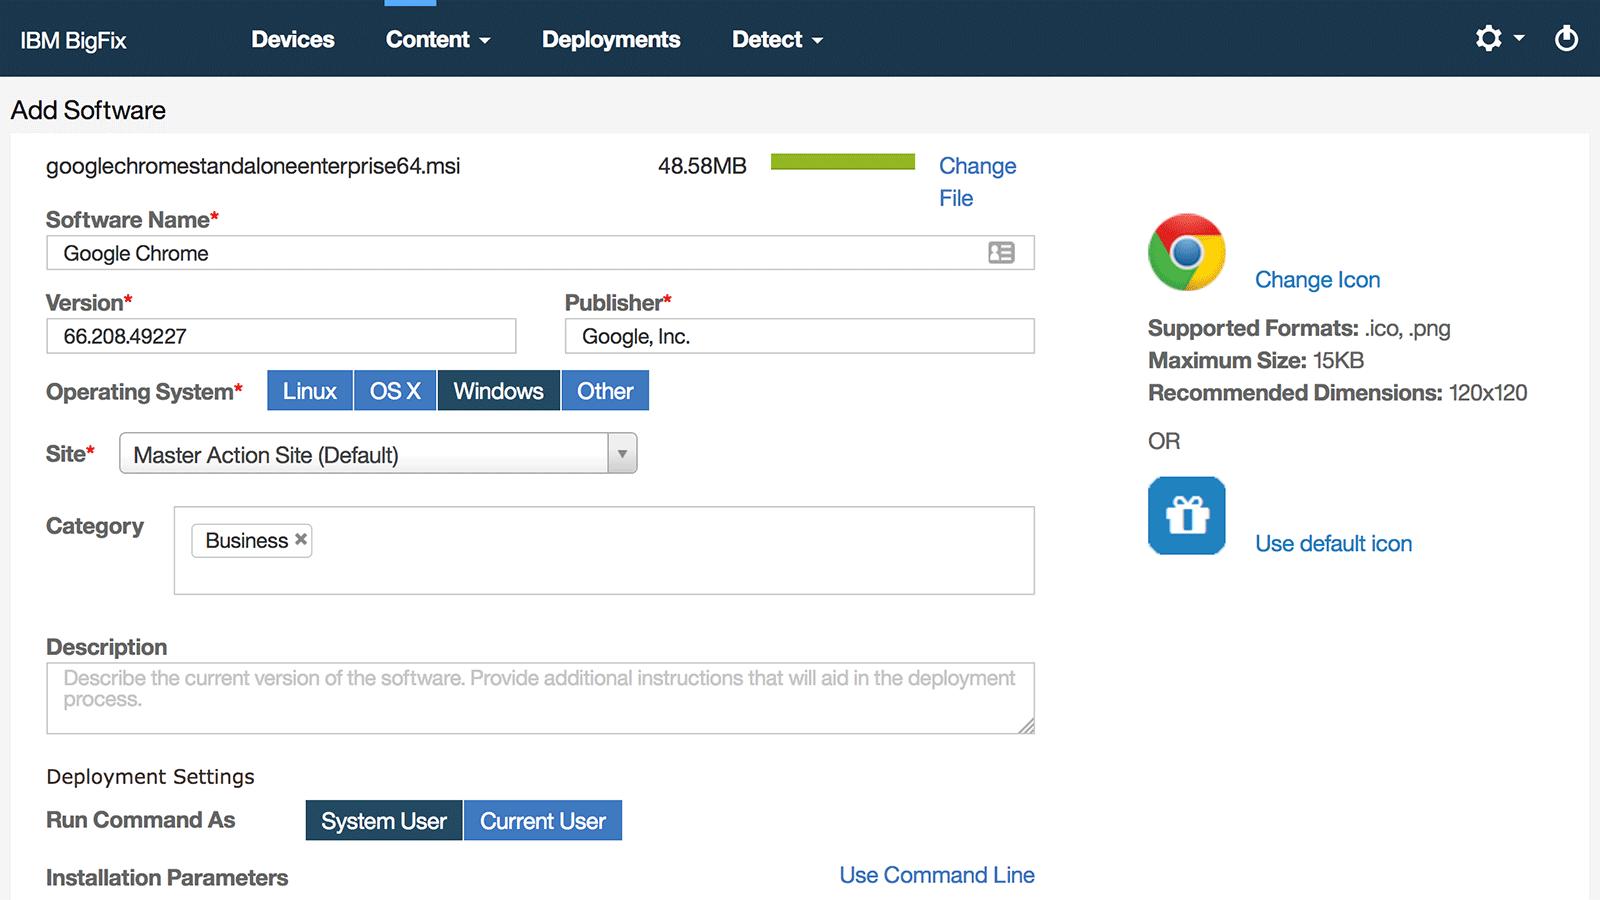 Erstellung eines neuen Softwarepakets